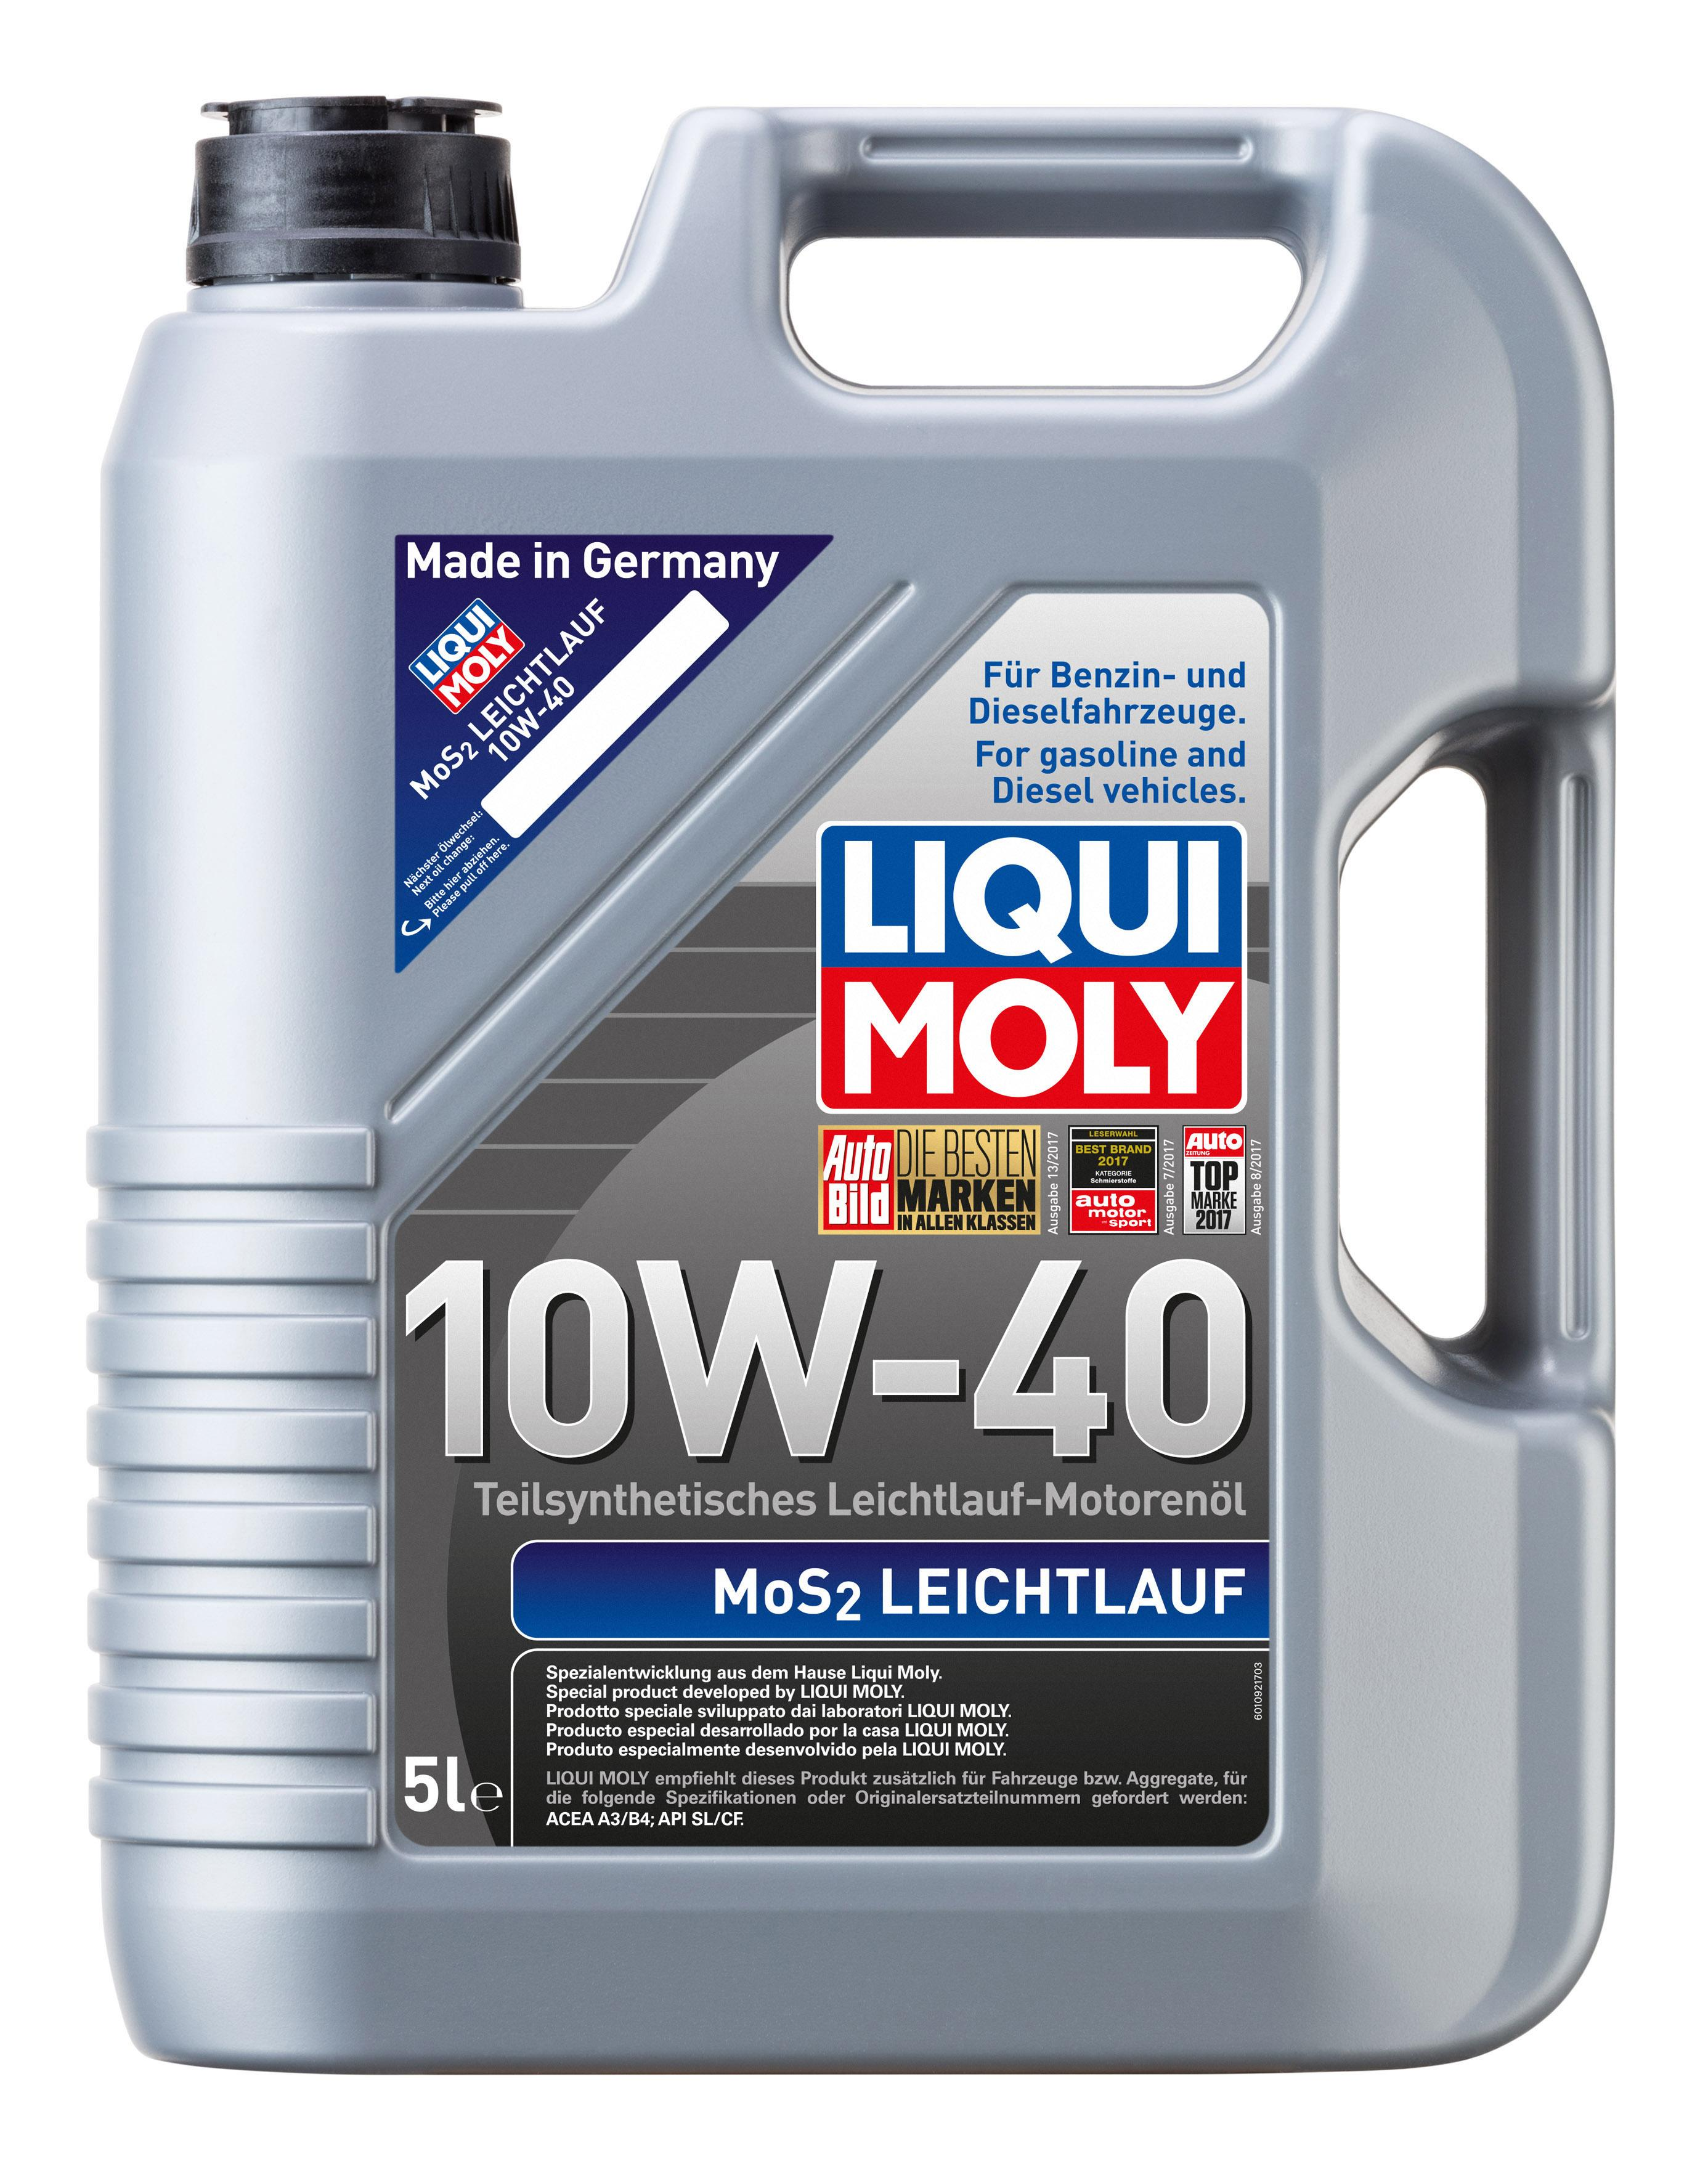 Motorolie 1092 DE TOMASO lage prijzen - Koop Nu!